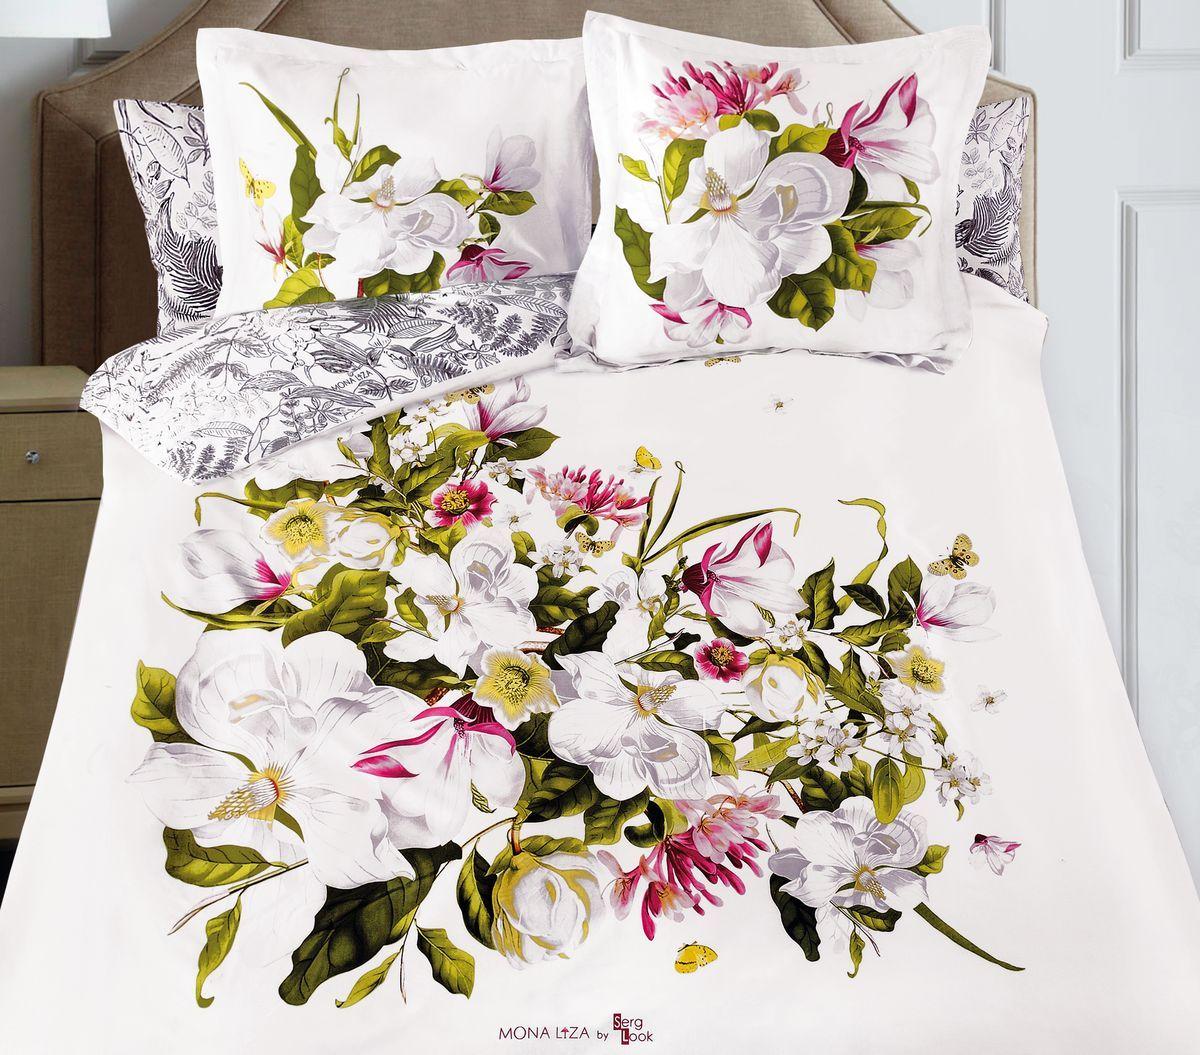 Комплект белья Mona Liza Magnolia, евро, наволочки 50x70, 70x709/8Флоральные мотивы редких экзотических цветов, переведенные в паттерн, позаимствованы из путешествий по тропическим лесам, будоражат воображение природными сочетаниями цветовых палитр и роскошью принтов. Коллекция принесет в ваш дом незабываемое настроение и добавит колорит. Высококачественный сатин окутает и позволит раствориться в мечтах о дальних жарких странах и окунуться во время вечного лета!Советы по выбору постельного белья от блогера Ирины Соковых. Статья OZON Гид